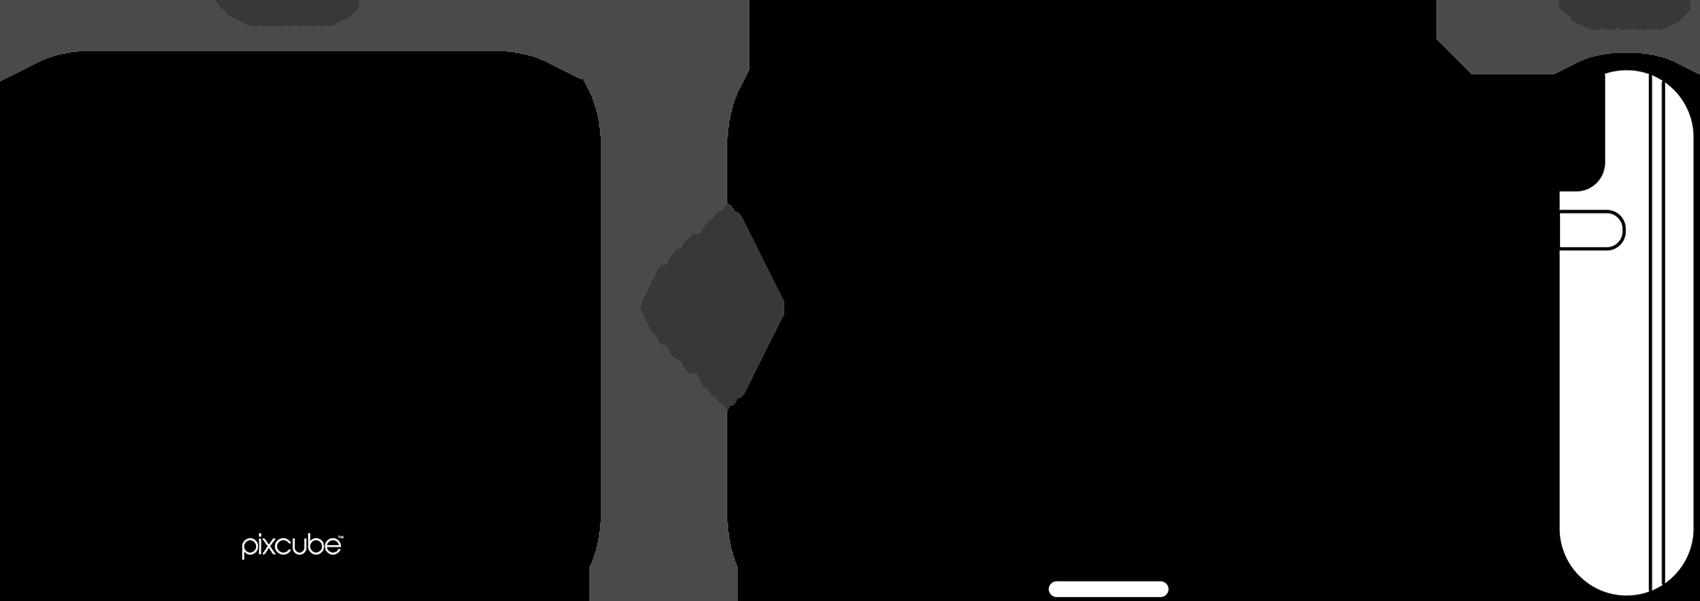 Cote technique du Pixcube